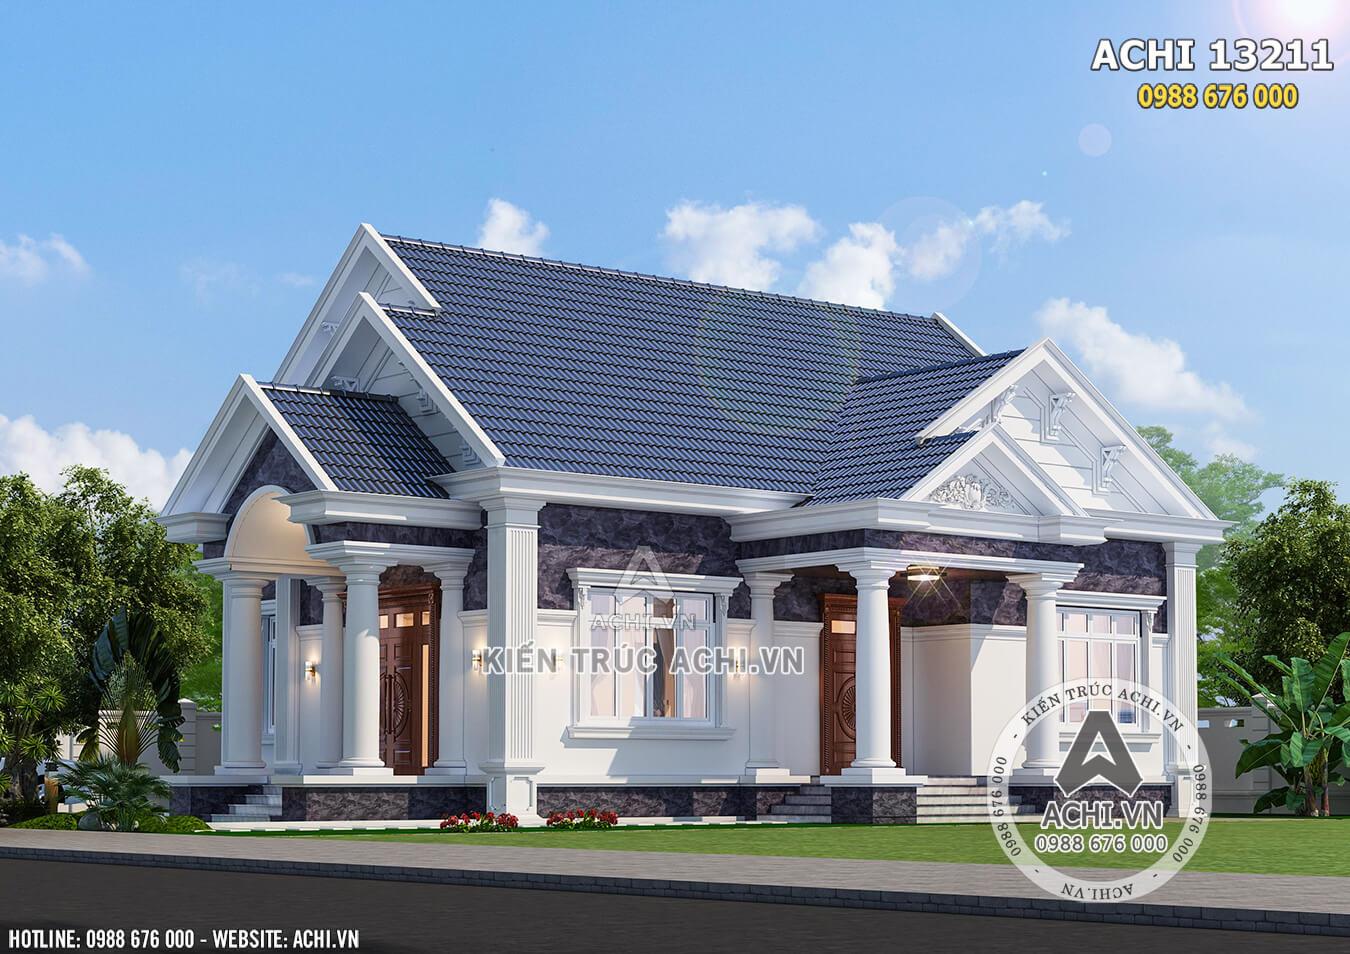 Mẫu nhà cấp 4 đẹp với hệ mái Thái xanh cùng kiến trúc tân cổ điển sang trọng, đẳng cấp